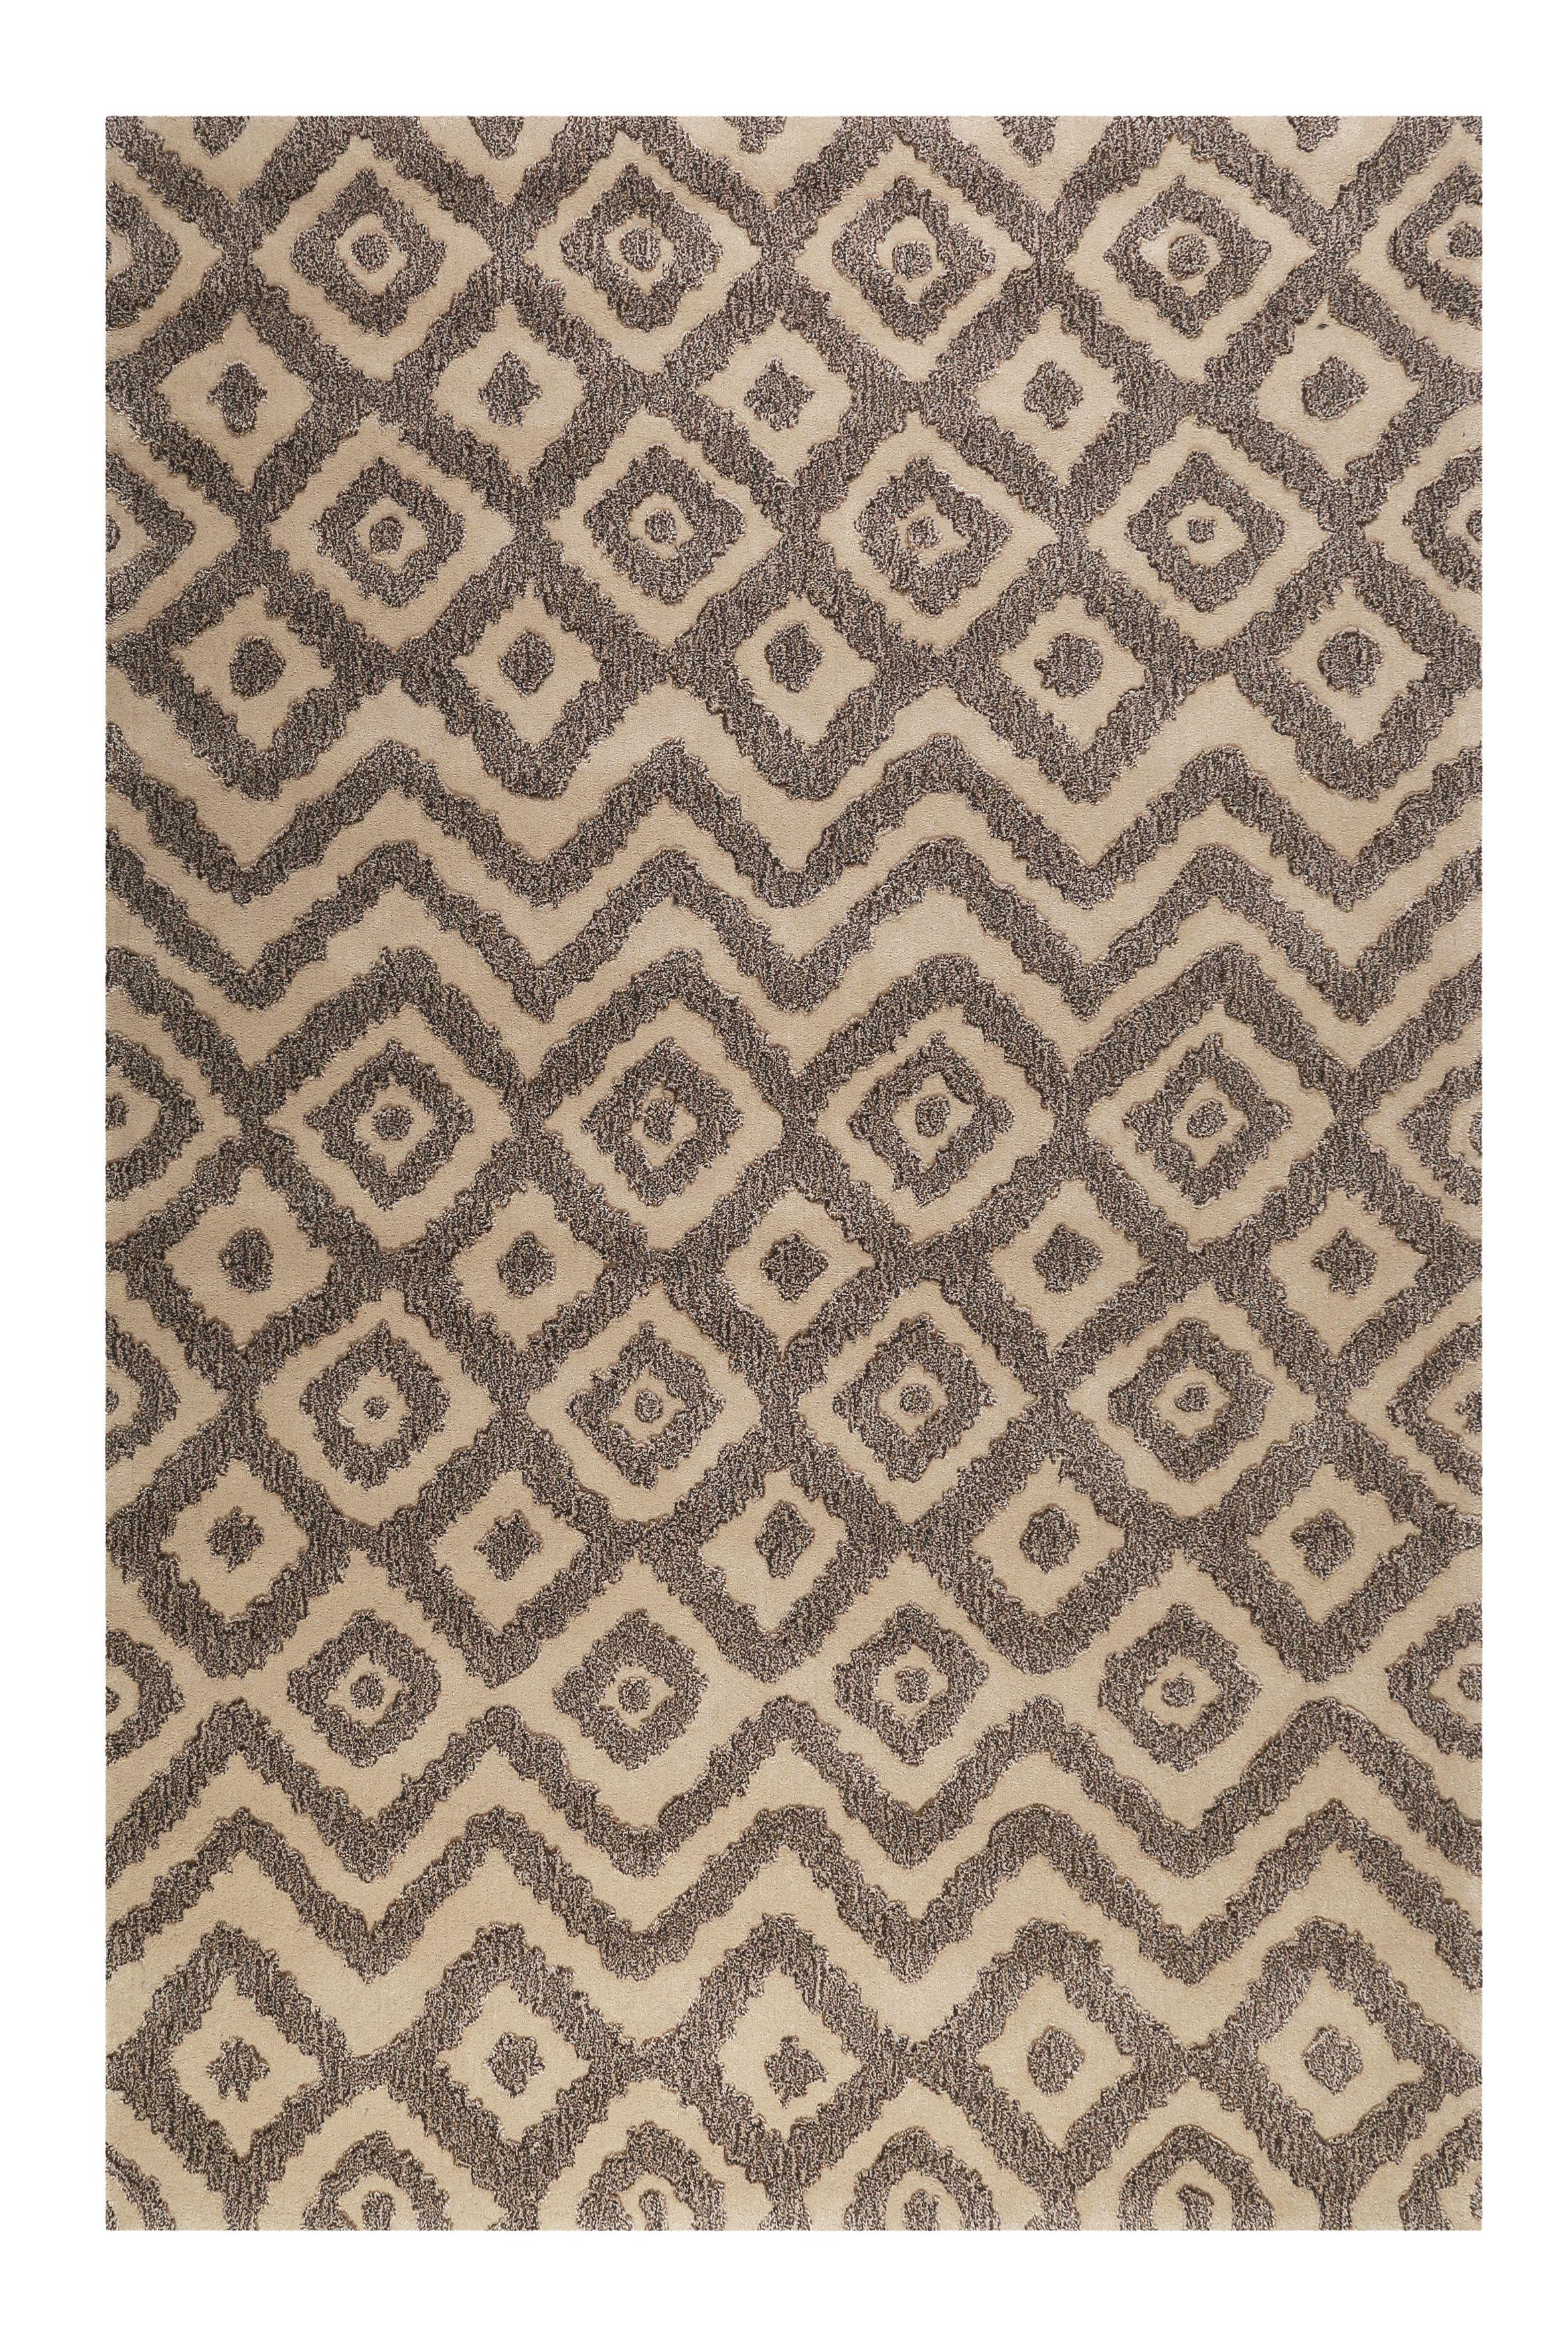 Esprit Kurzflor Teppich Aus Wolle Africa Ethnic Taupe Braun Moderne Kurzflor Teppiche Rugs Ethnic Und Area Rugs